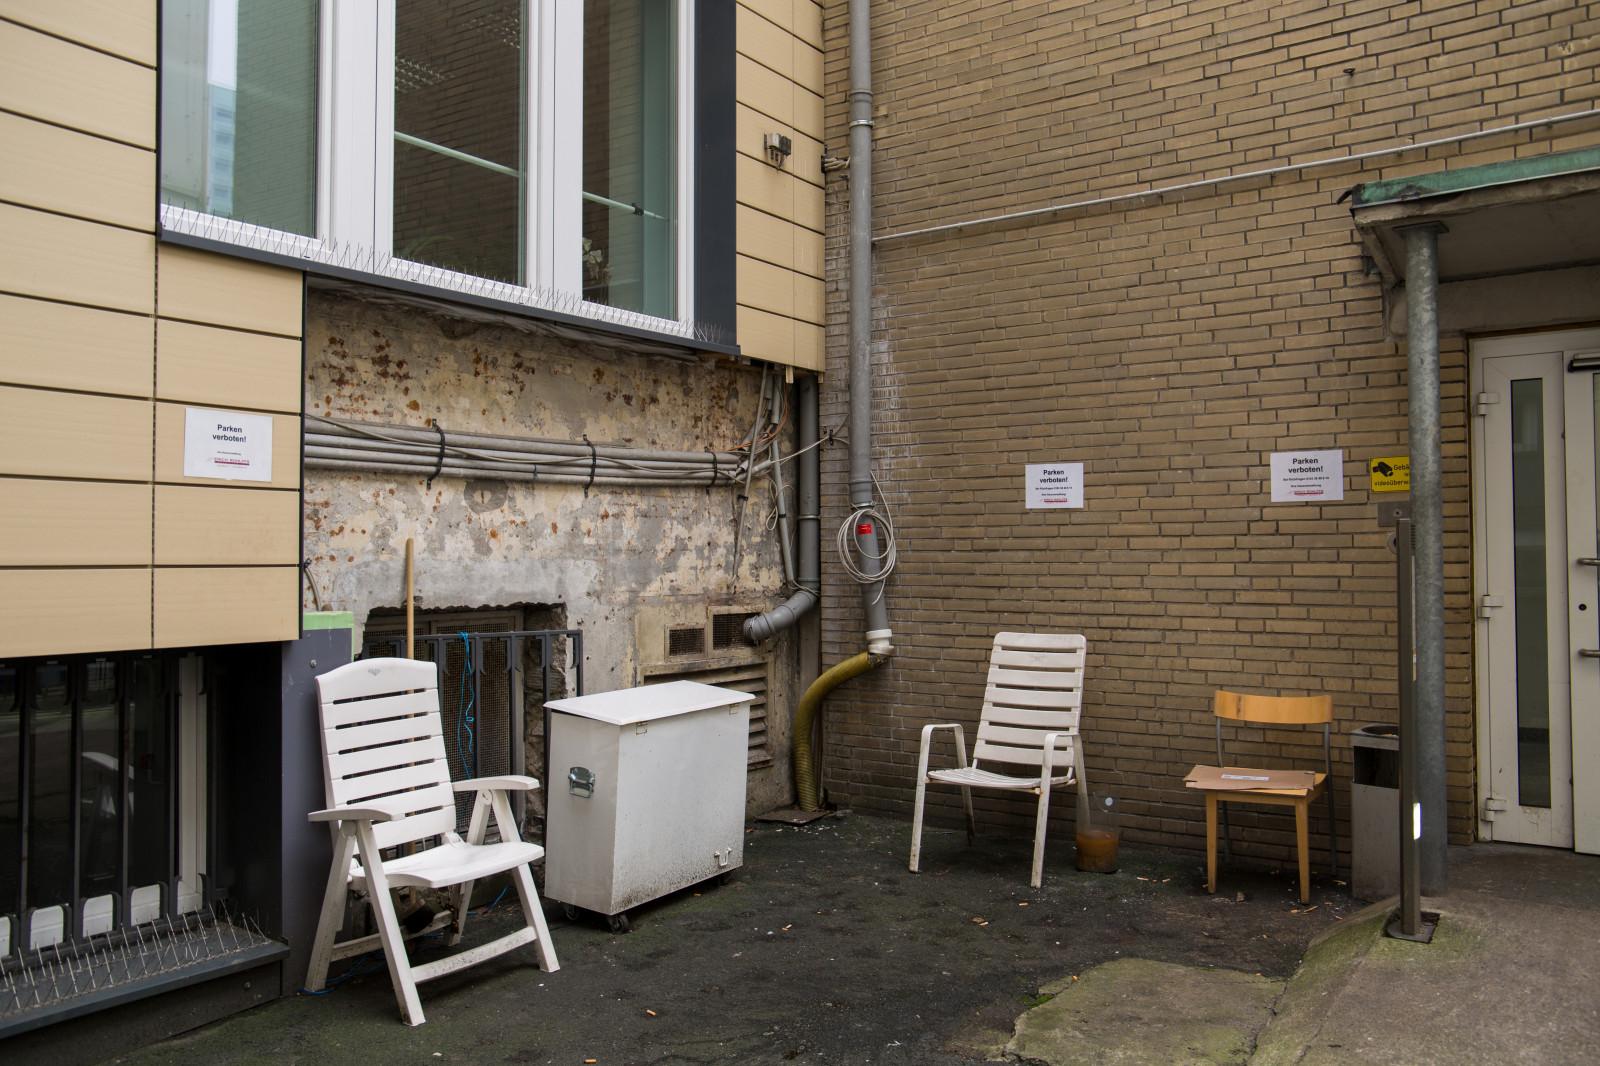 Mur En Parement Salon fond d'écran : fenêtre, bâtiment, mur, maison, chaise